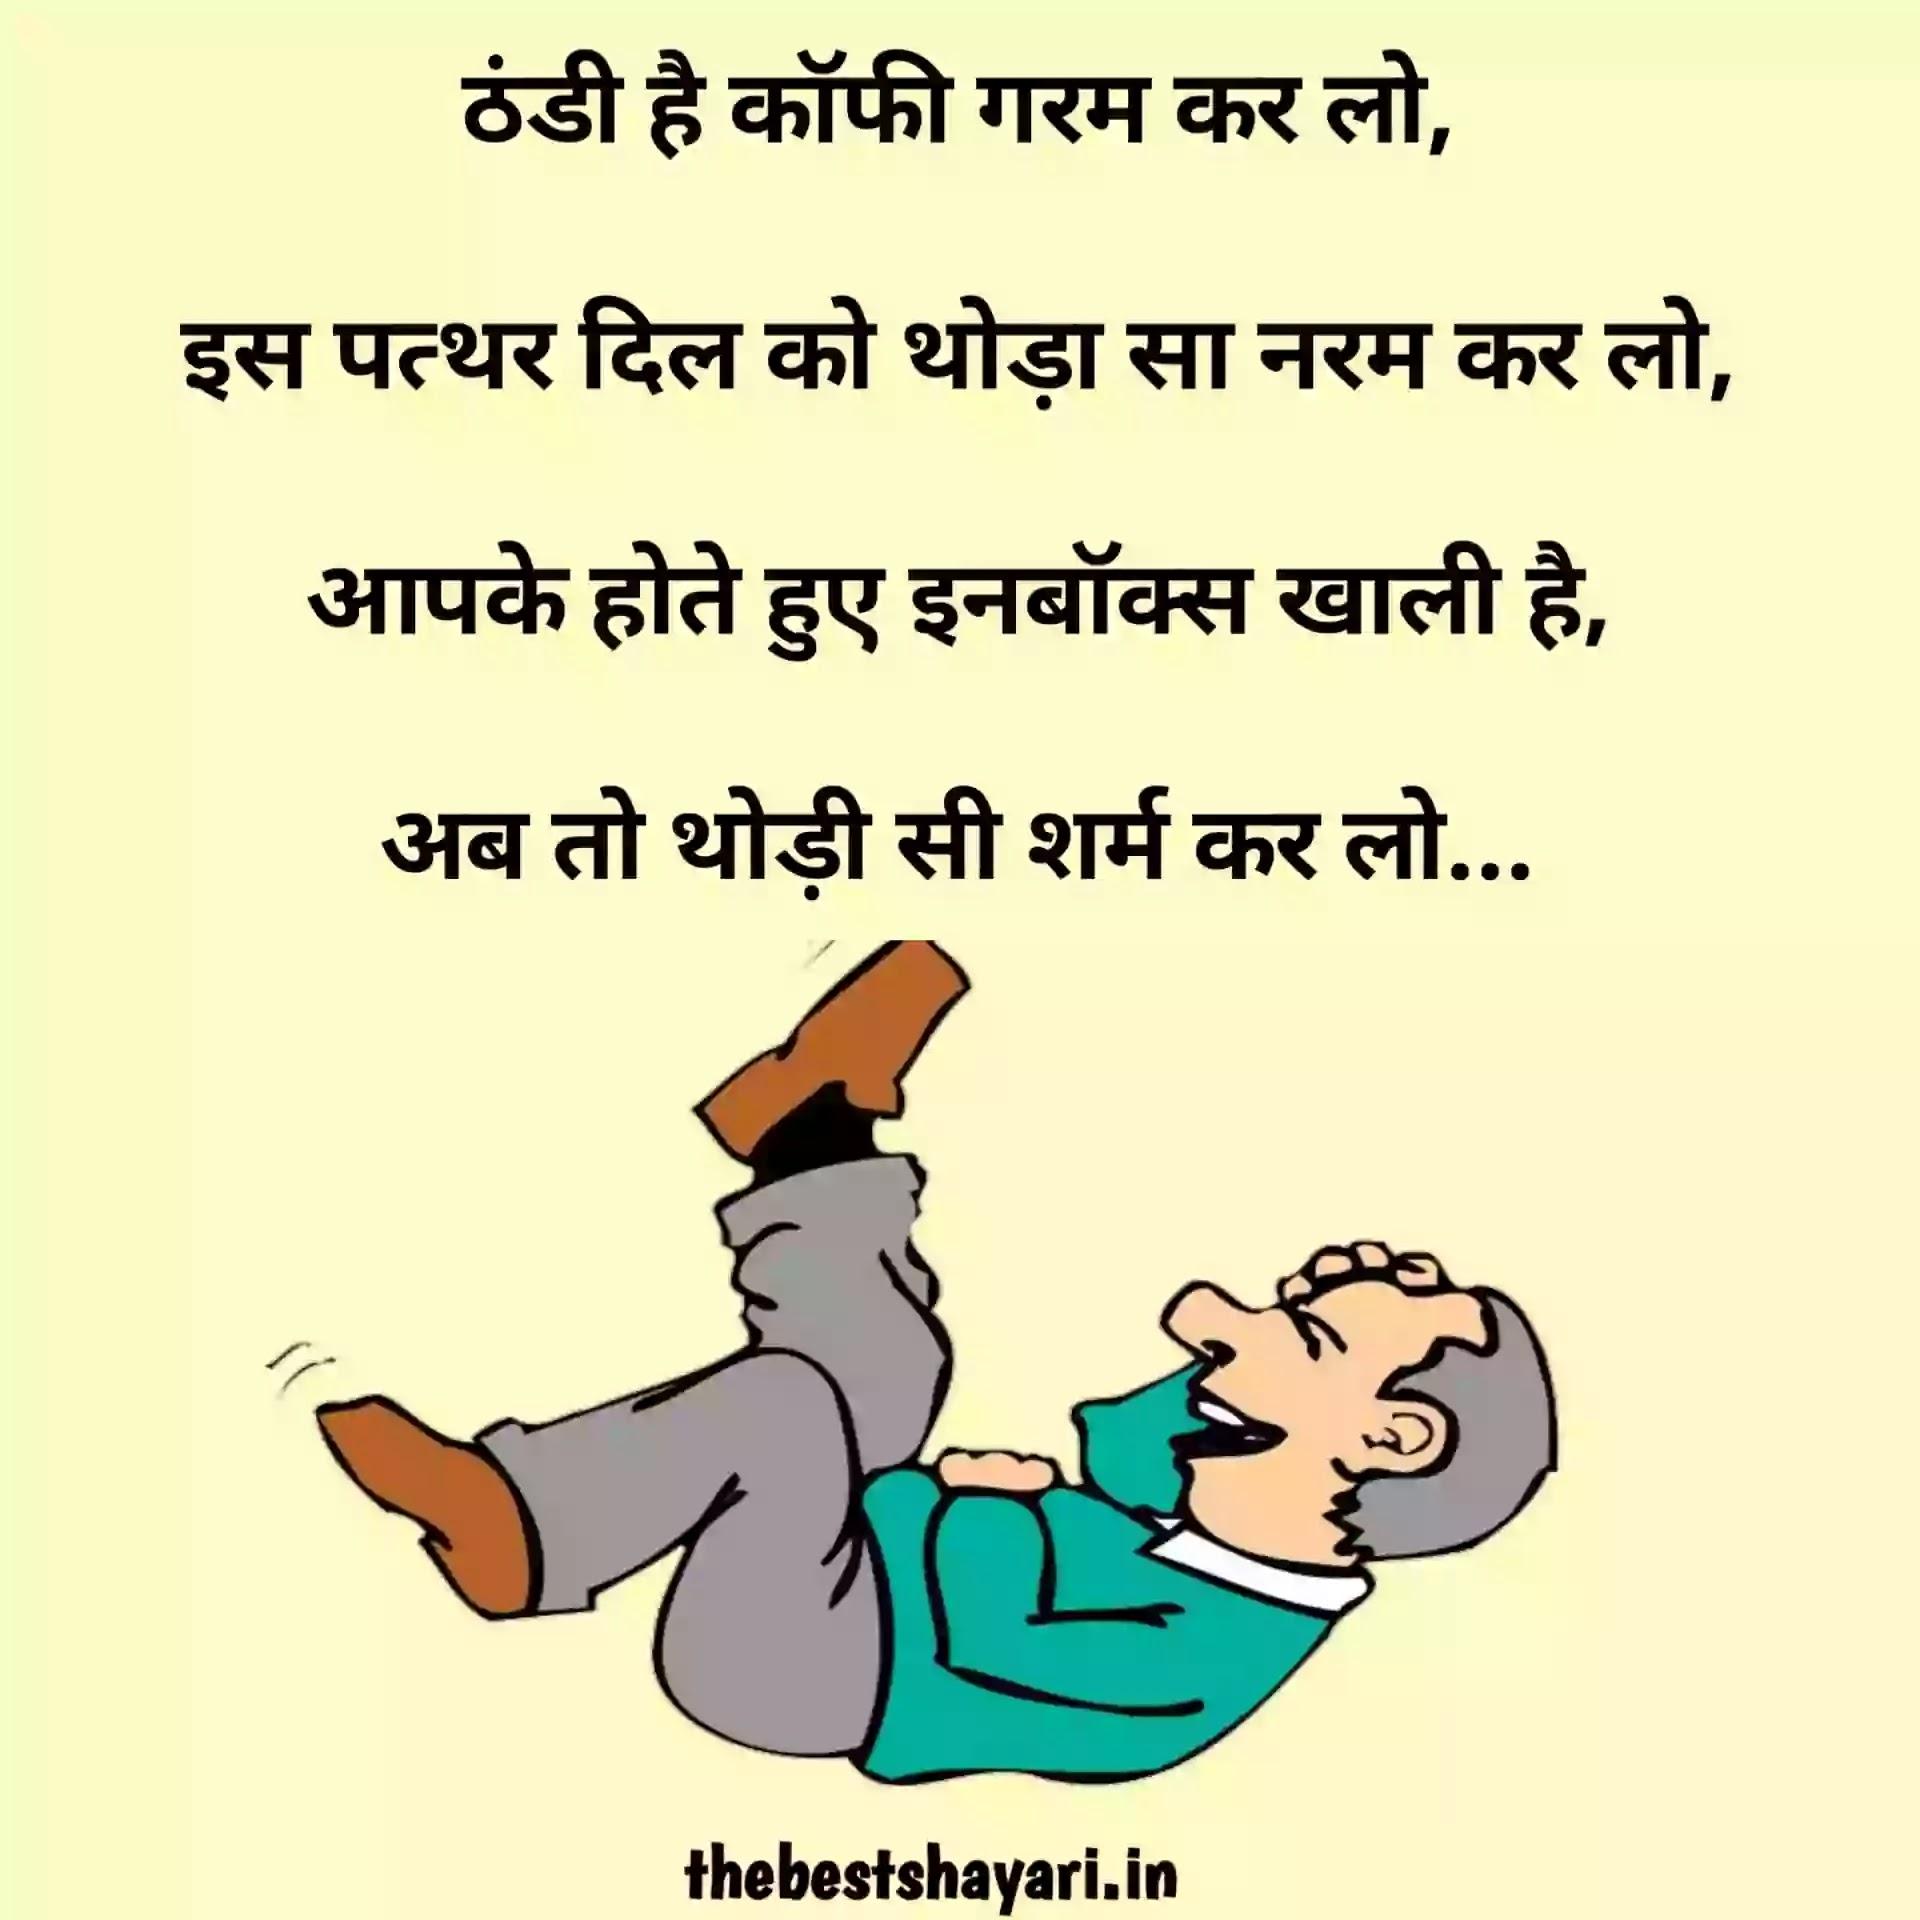 funny jokes shayari in Hindi